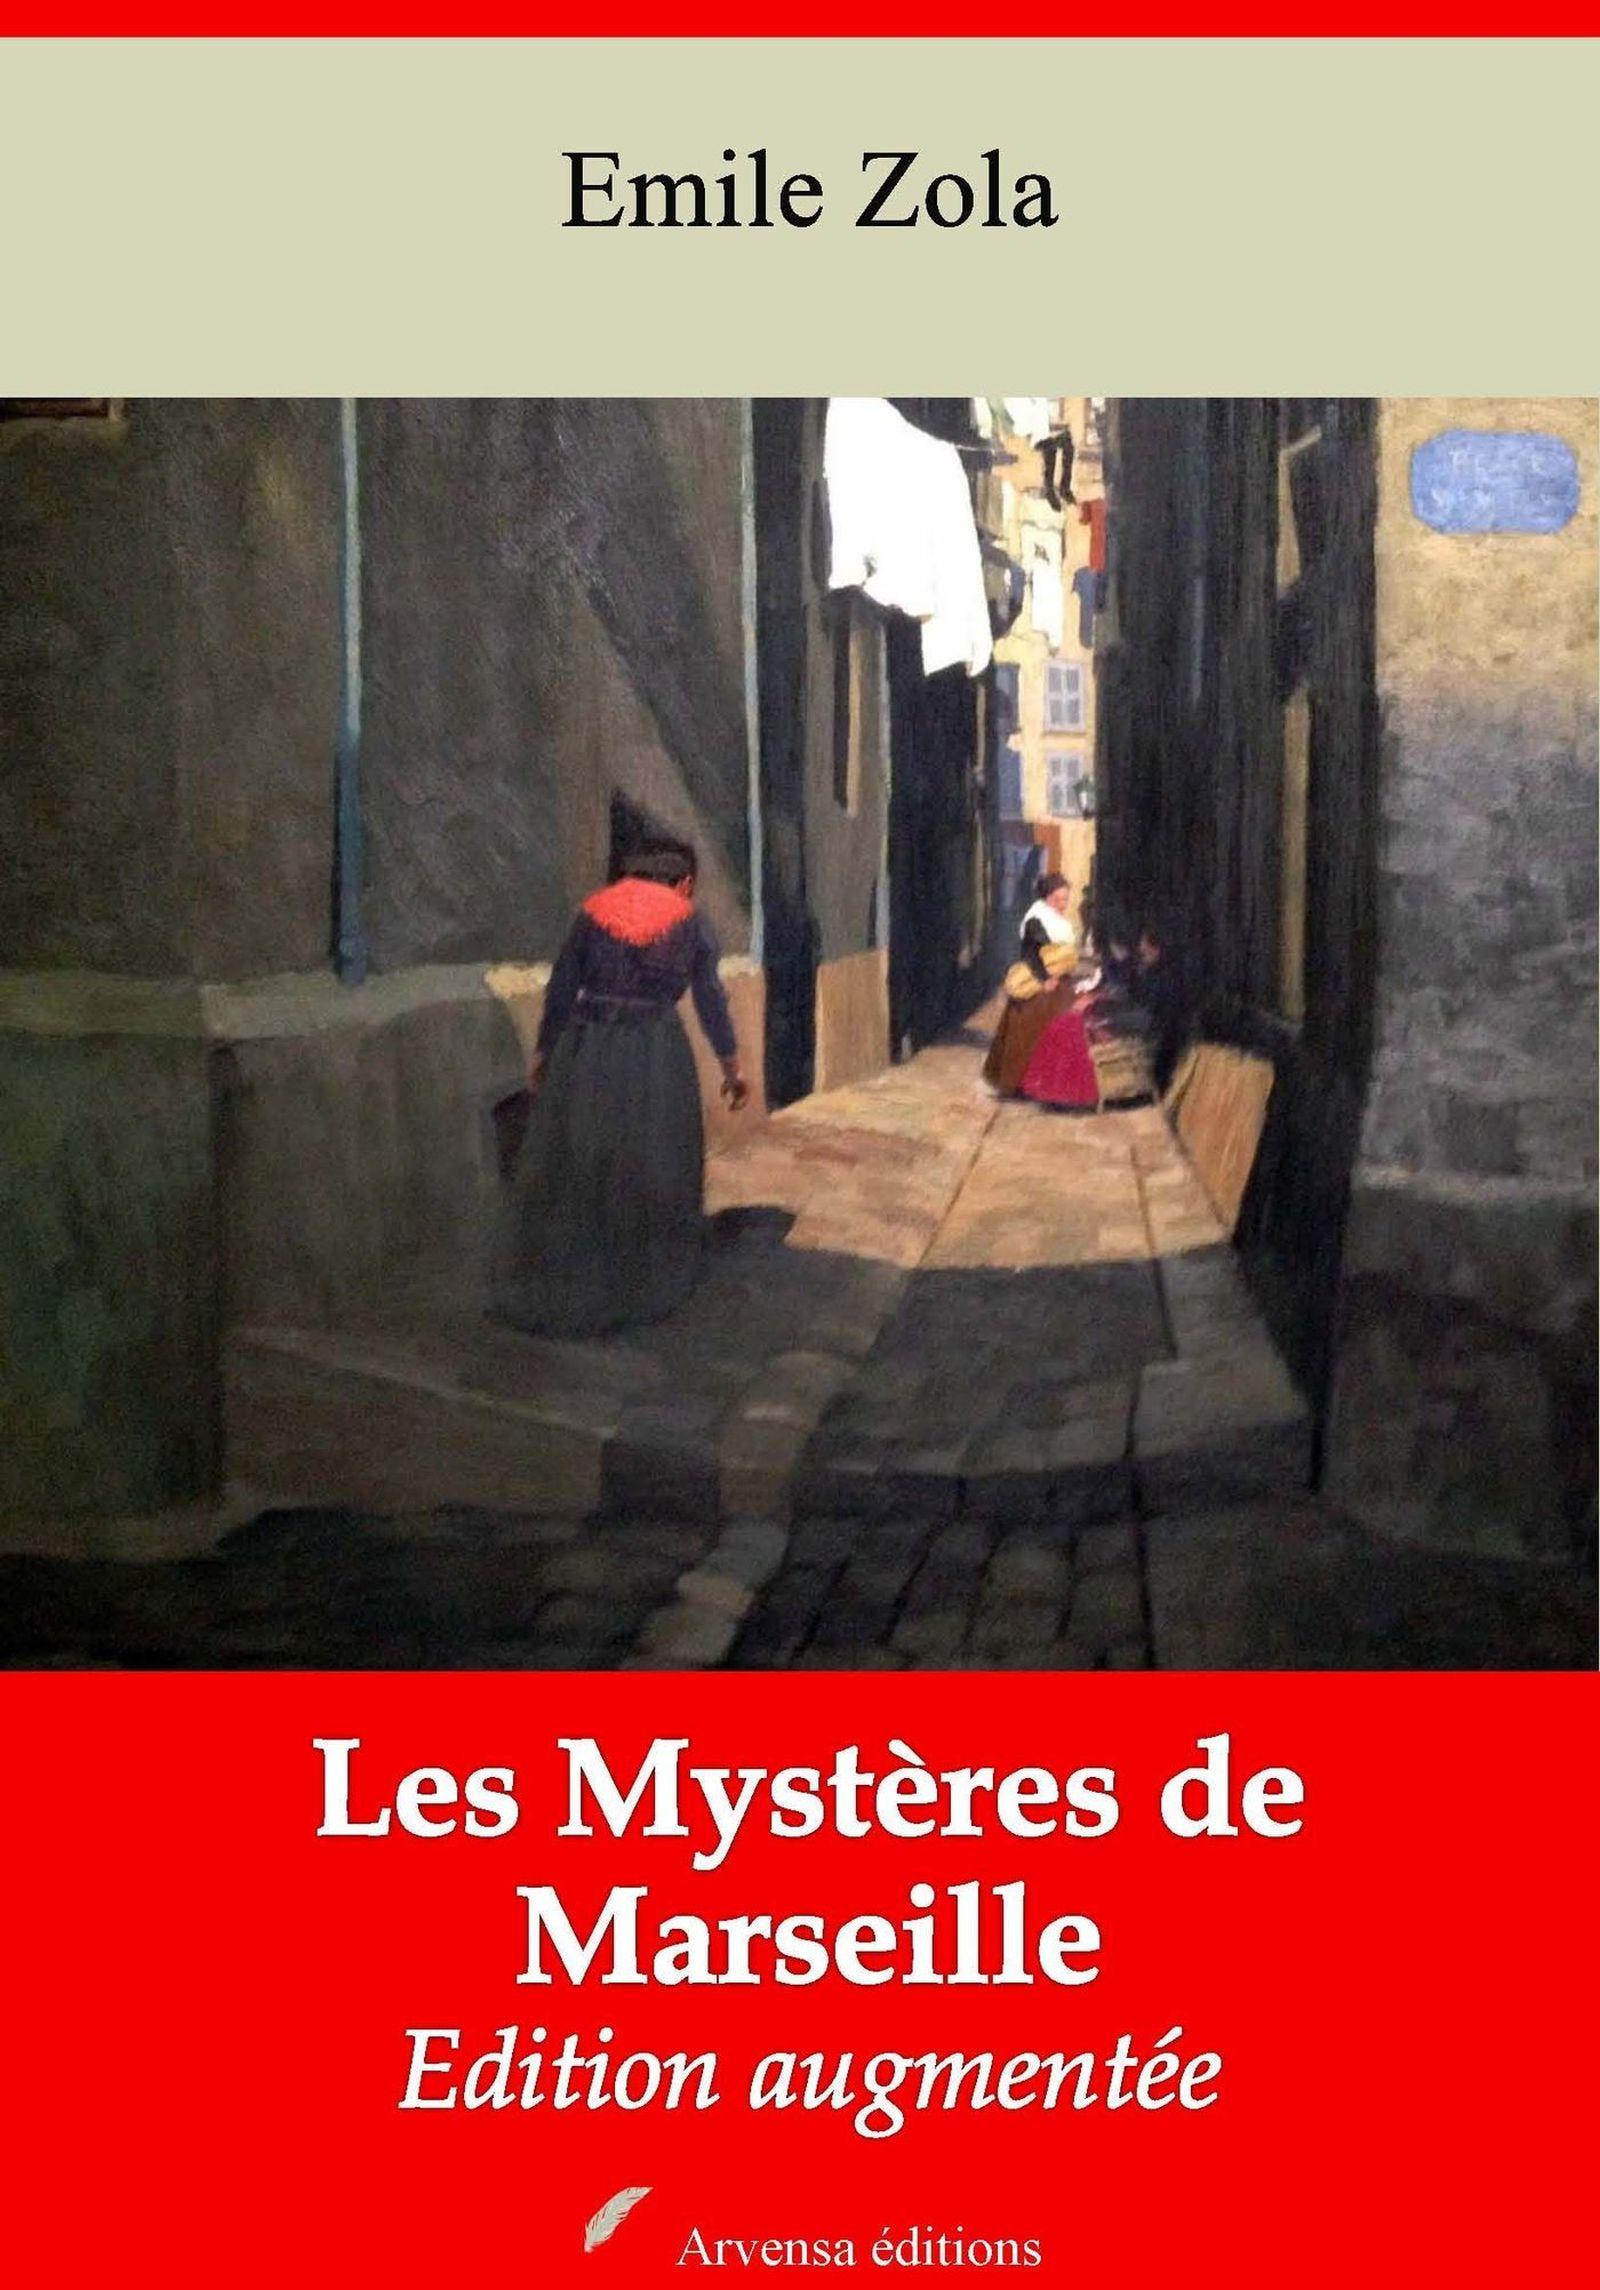 Les Mystères de Marseille - suivi d'annexes